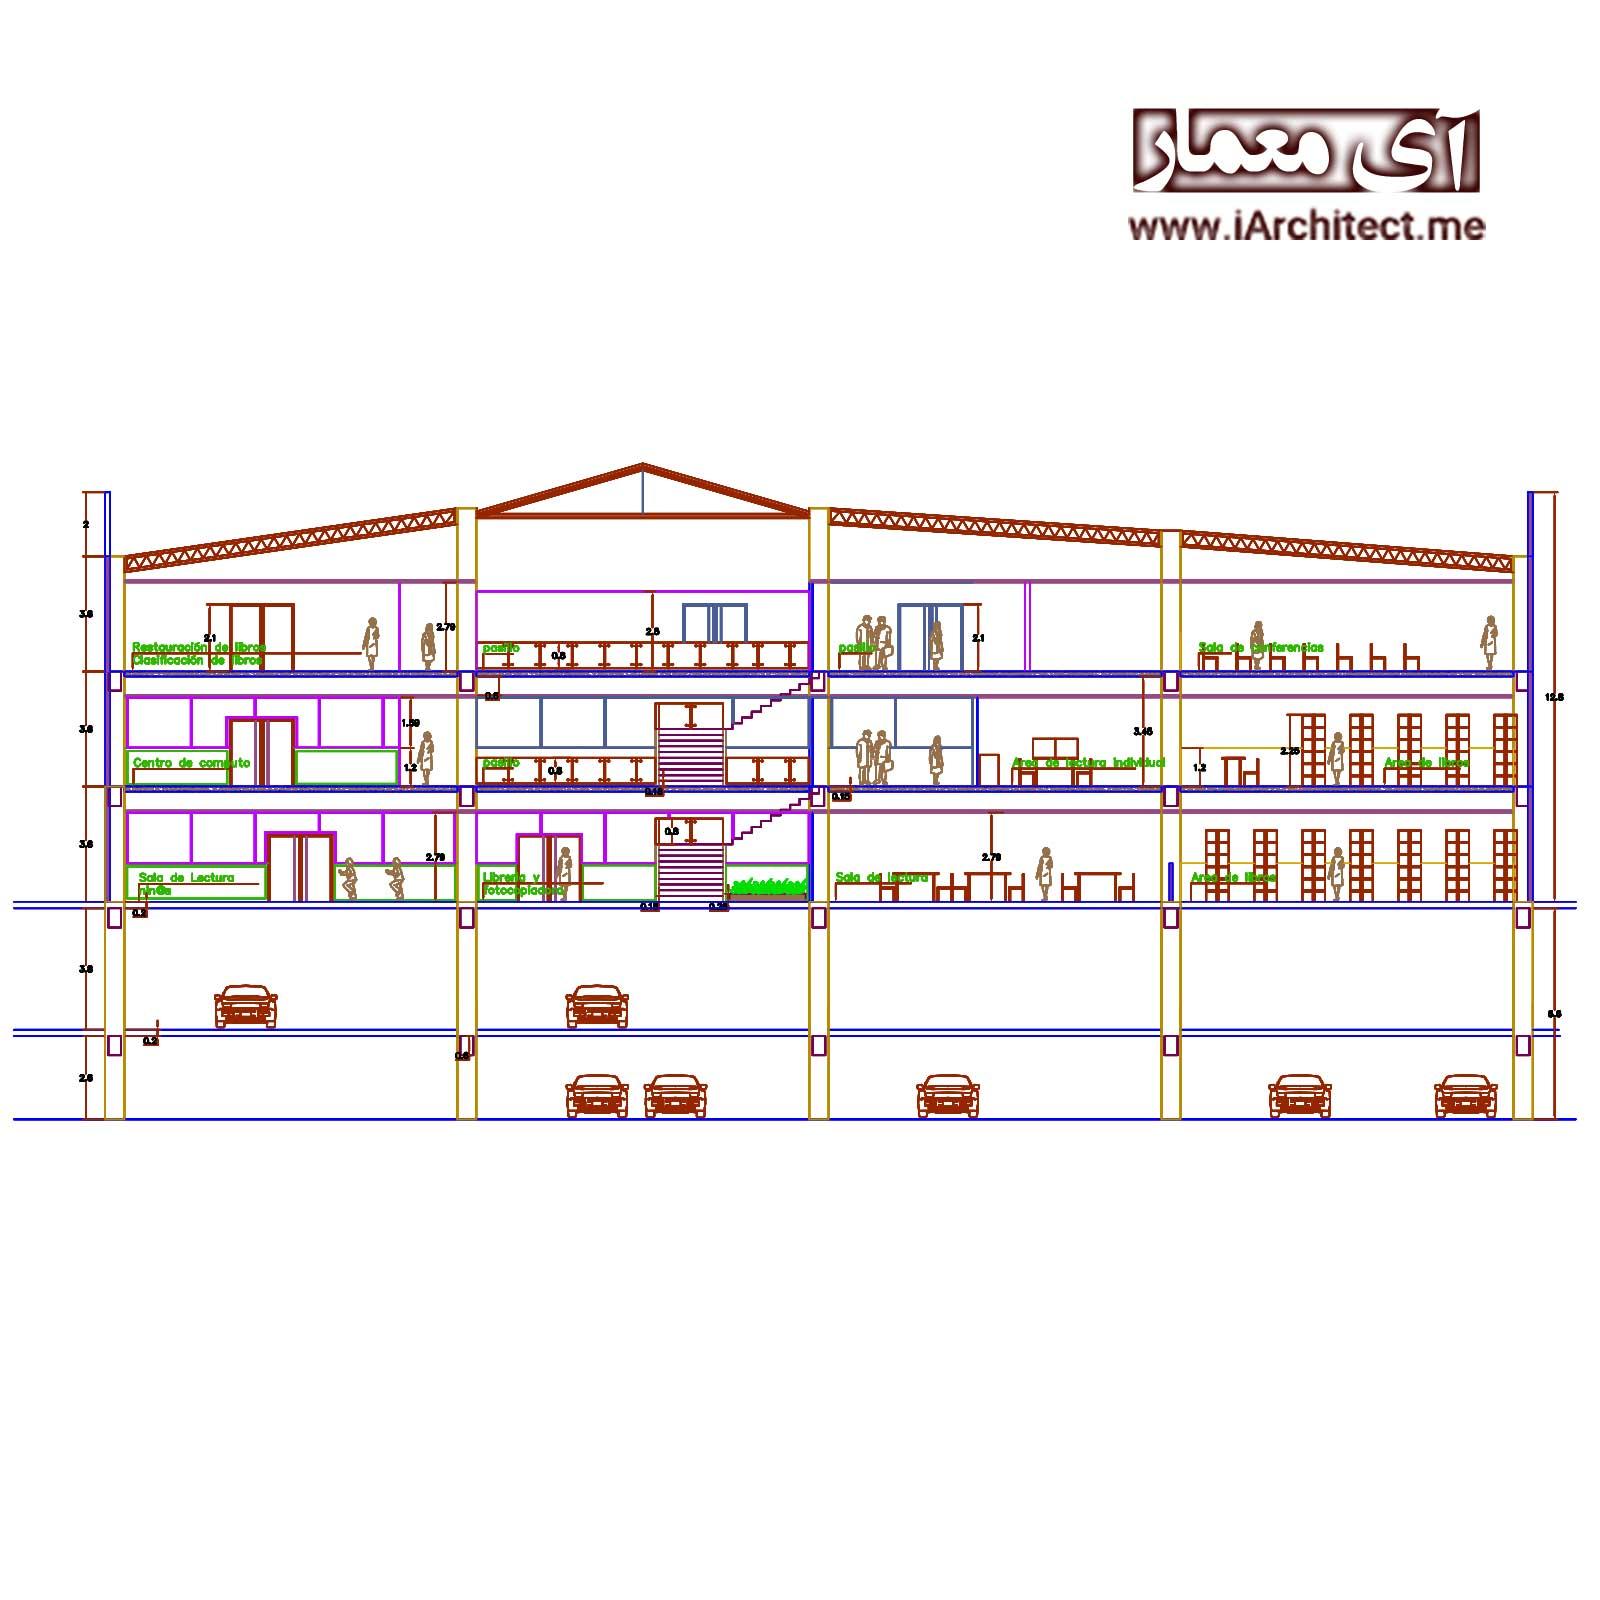 دانلود پلان معماری کتابخانه 5 طبقه